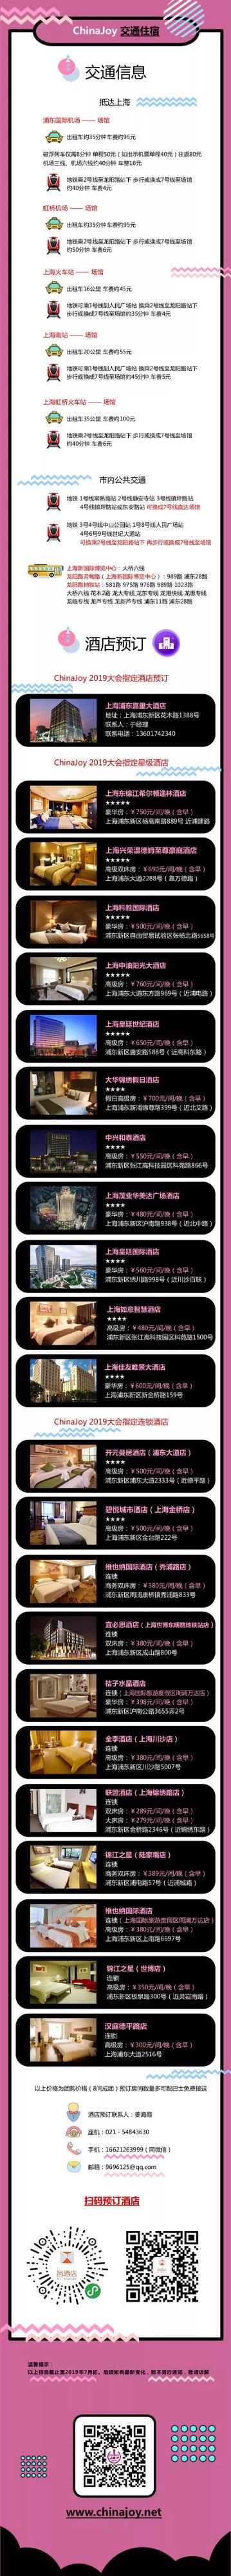 2019年ChinaJoy展前指南正式发布 (综合信息篇)